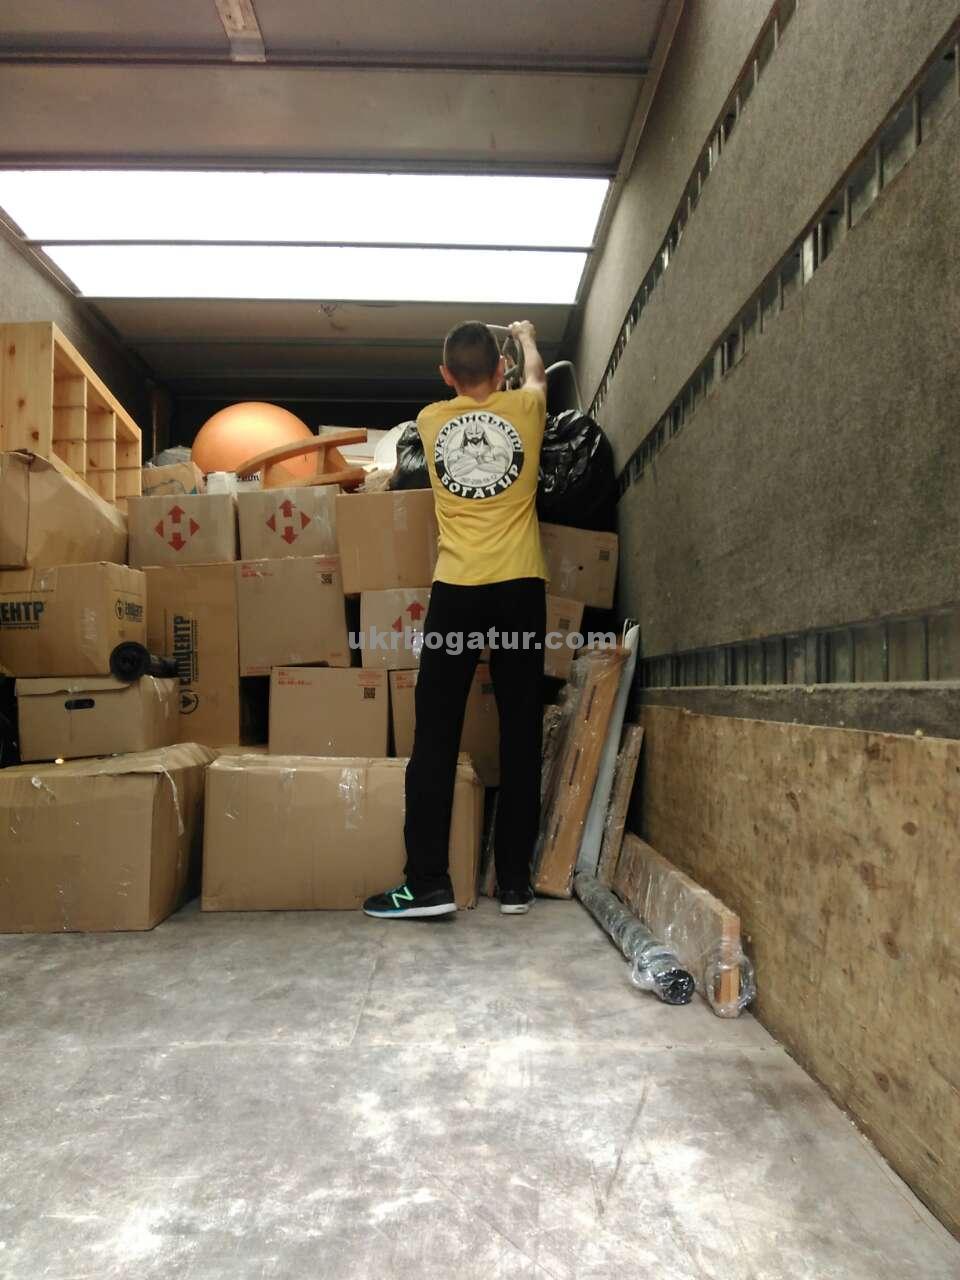 зберігання меблів на складі - Український Богатир